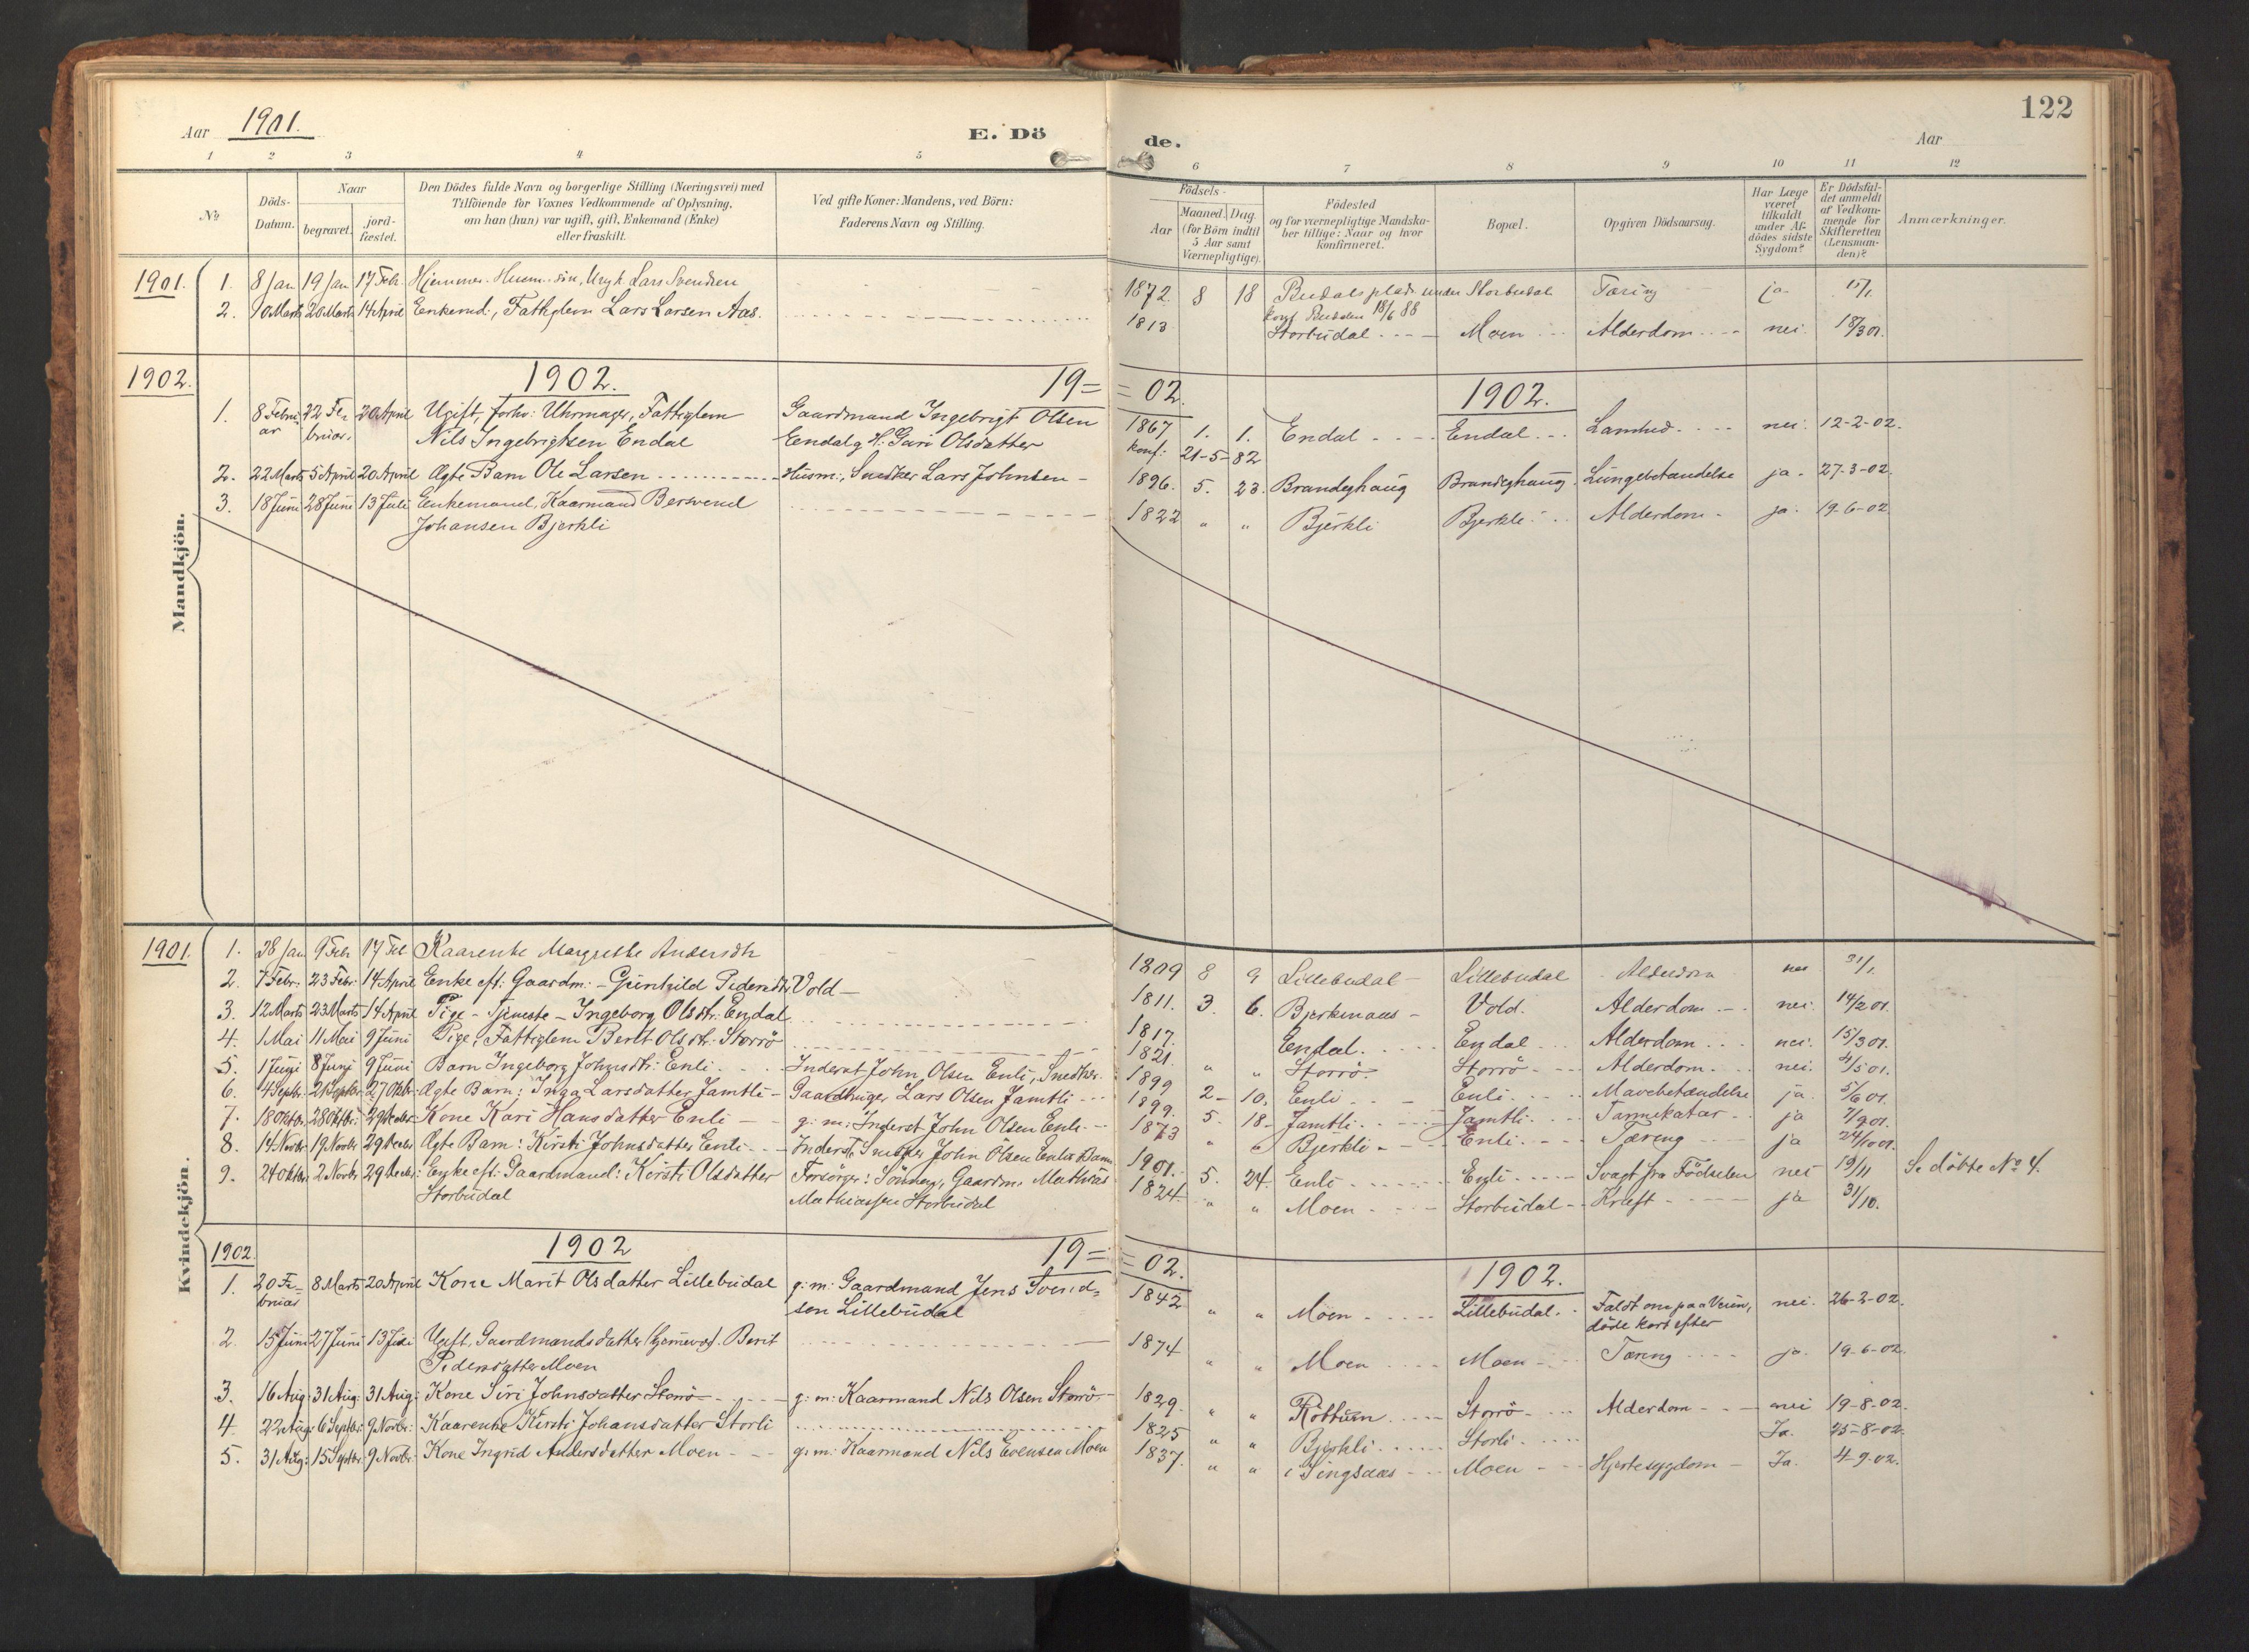 SAT, Ministerialprotokoller, klokkerbøker og fødselsregistre - Sør-Trøndelag, 690/L1050: Ministerialbok nr. 690A01, 1889-1929, s. 122